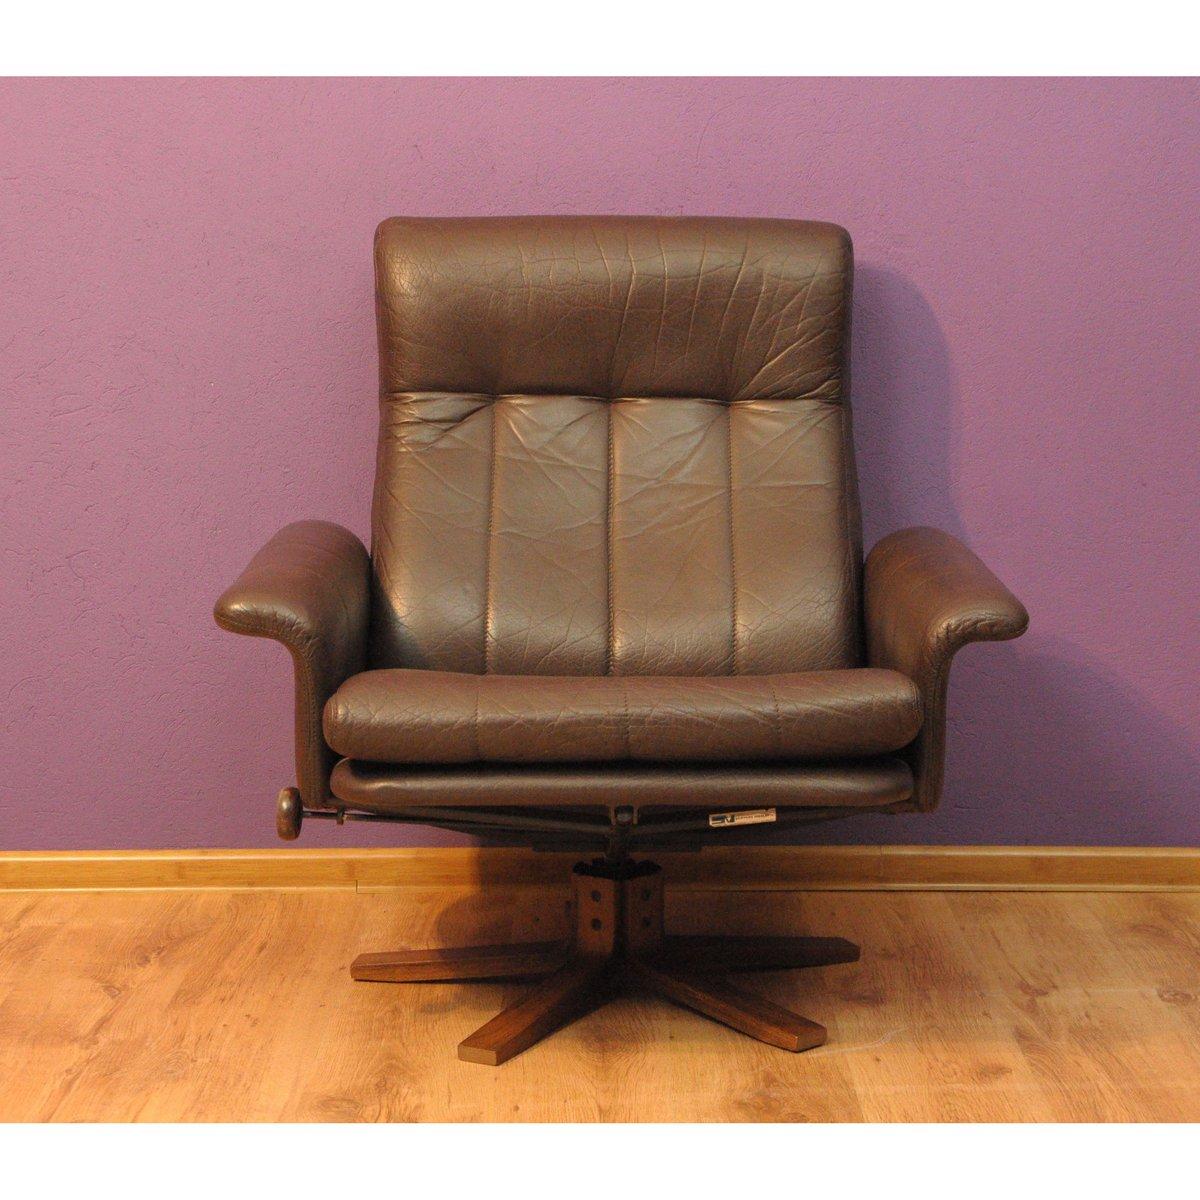 d nischer vintage sessel von skipper mobler bei pamono kaufen. Black Bedroom Furniture Sets. Home Design Ideas